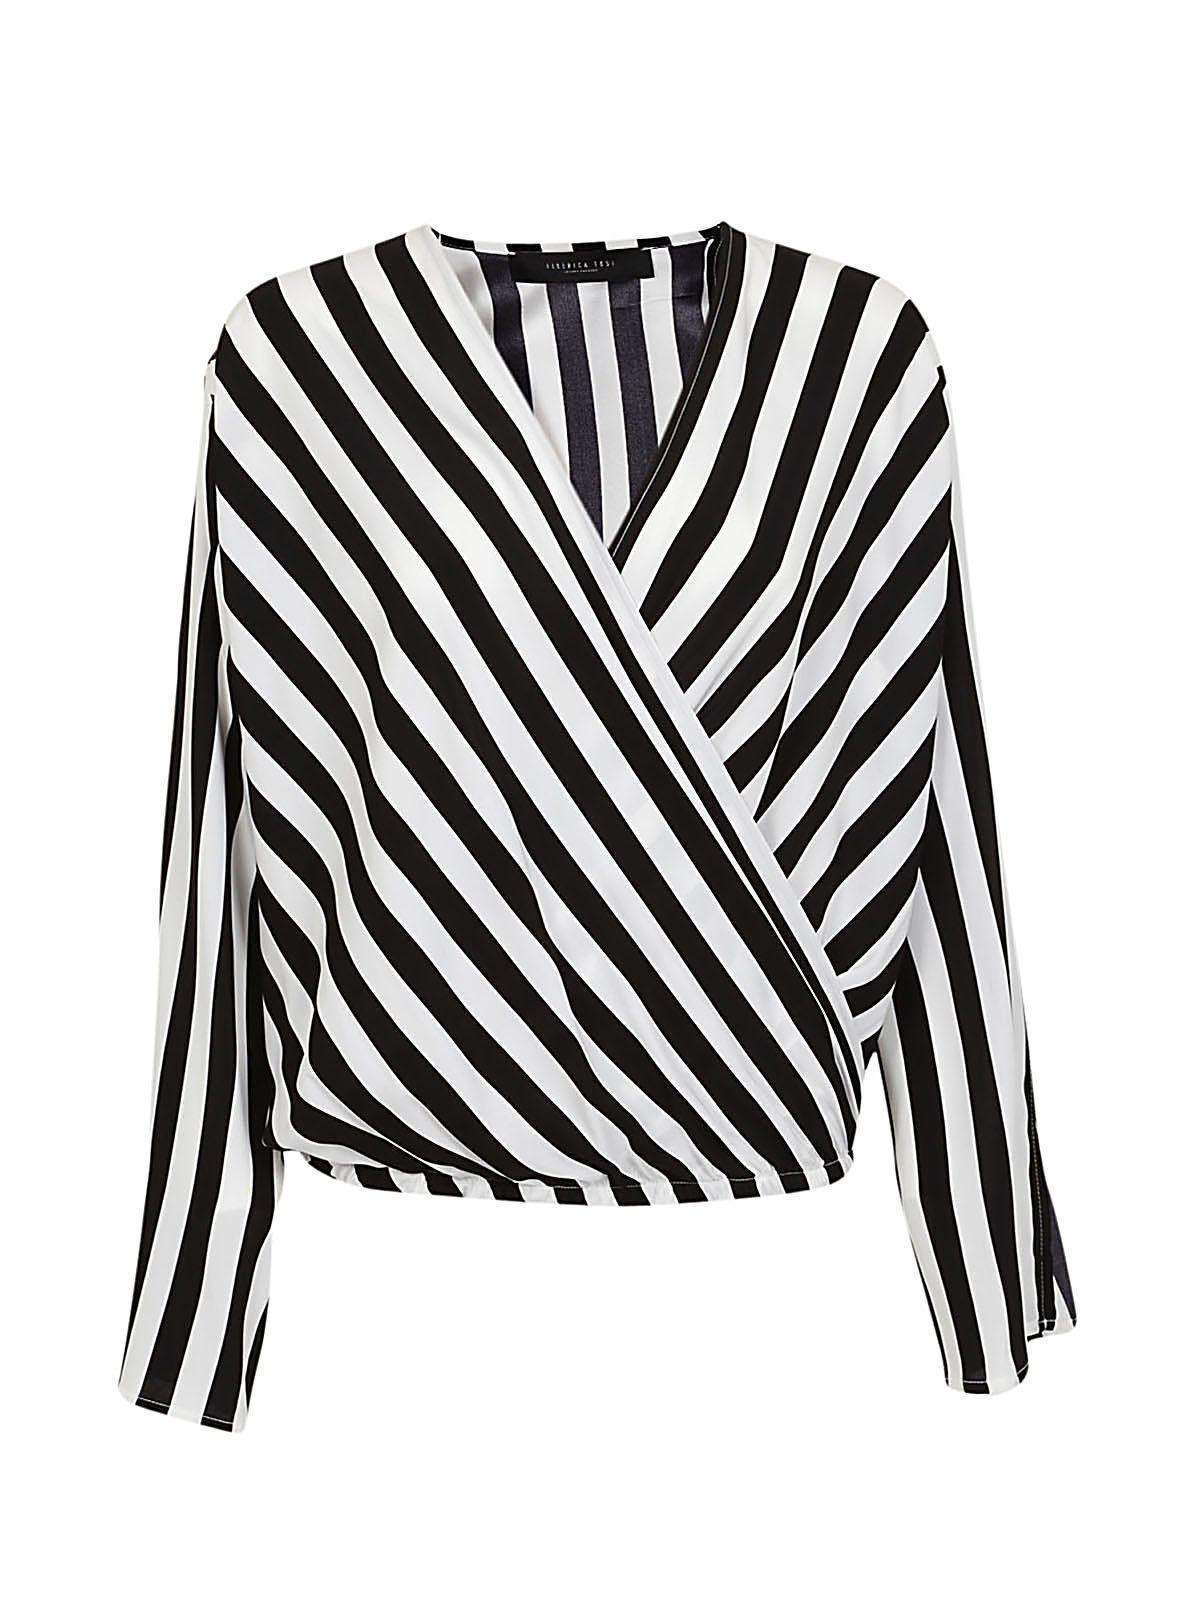 Federica Tosi Striped Blouse In Bianco-nero